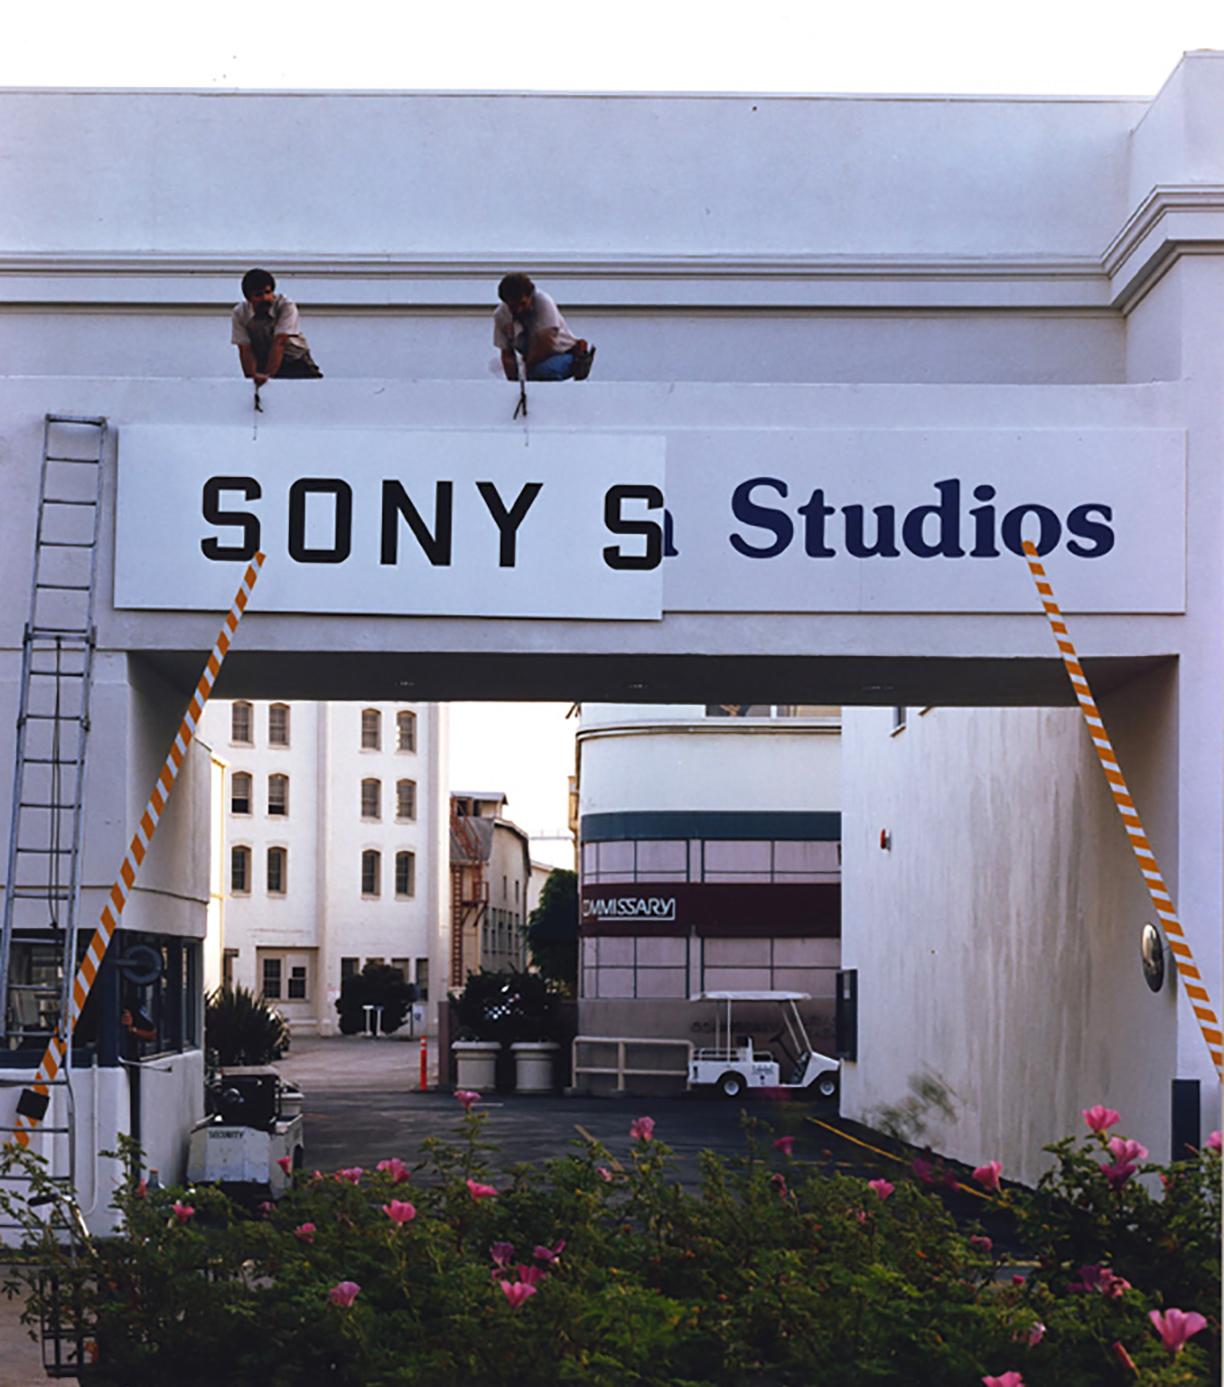 Studio Tour The Studio Sony Pictures Museum